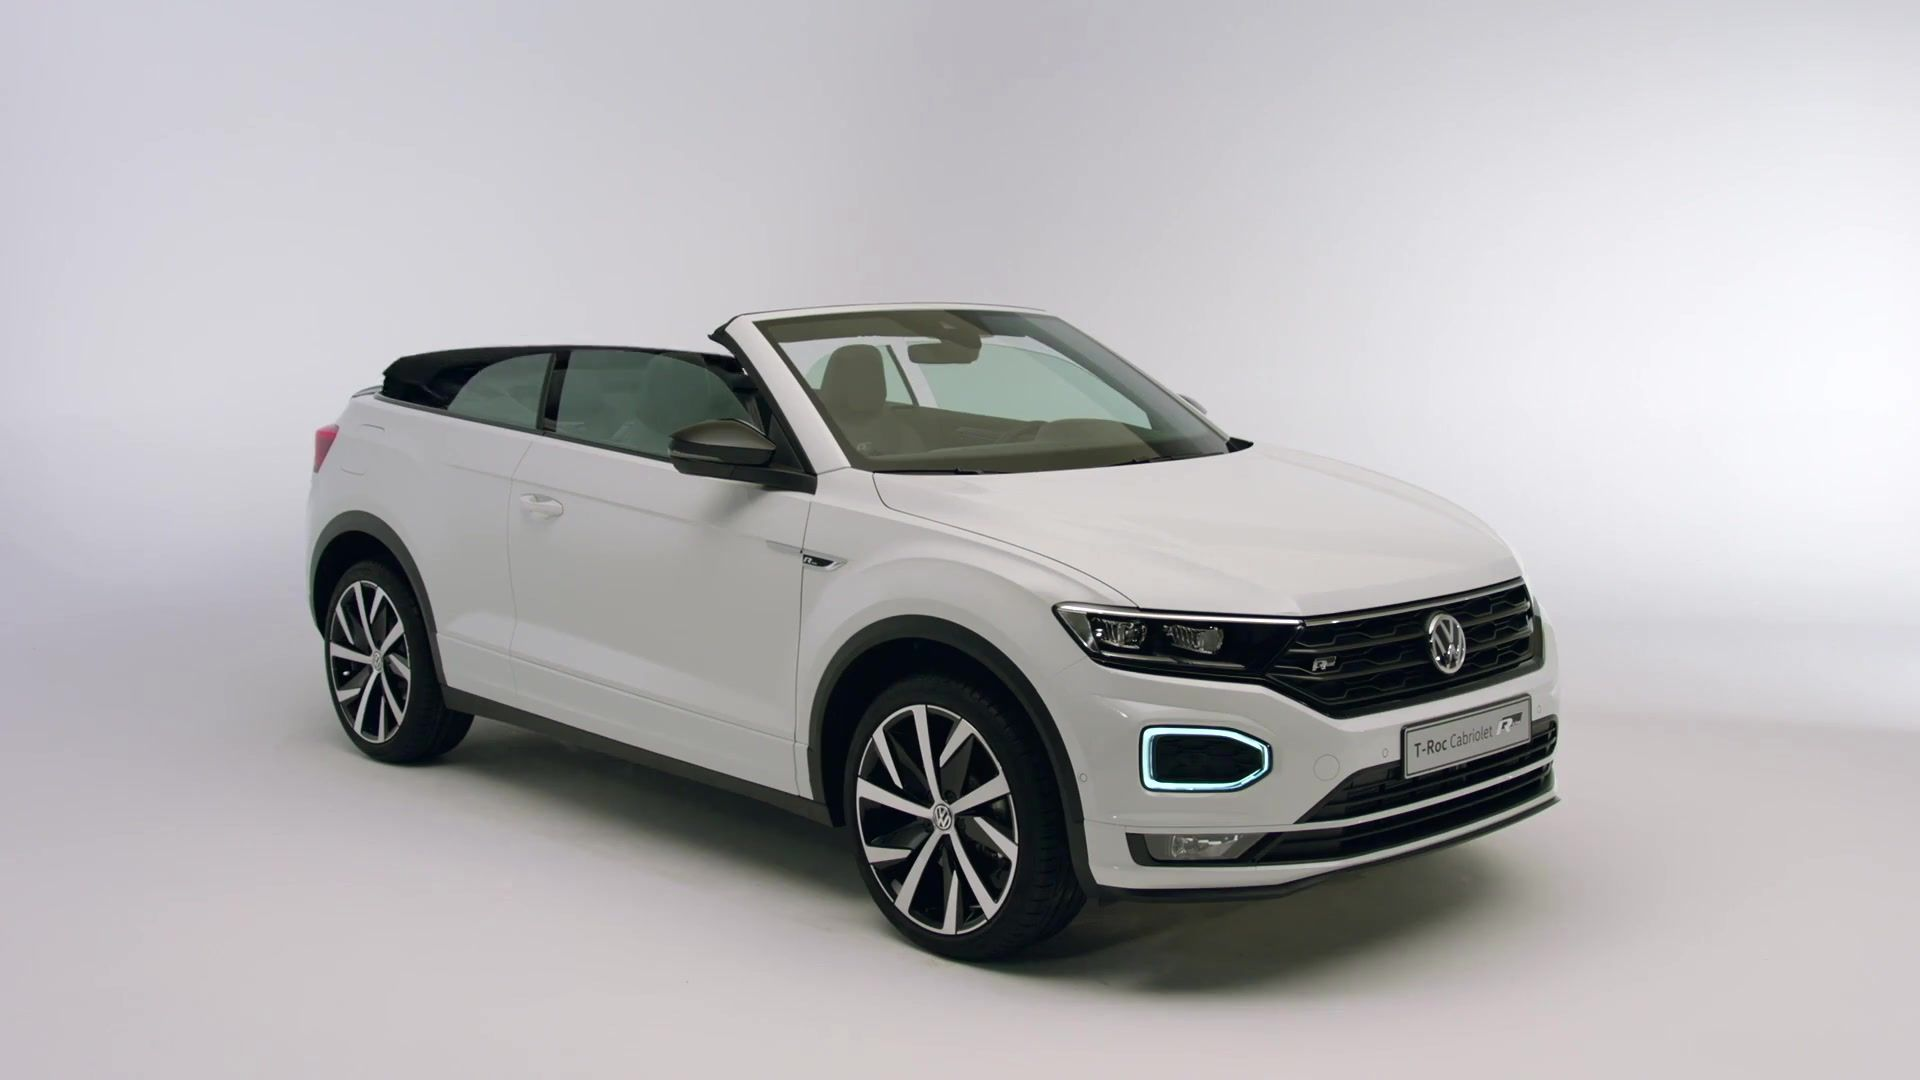 Erfrischend anders - Das Volkswagen T-Roc Cabriolet